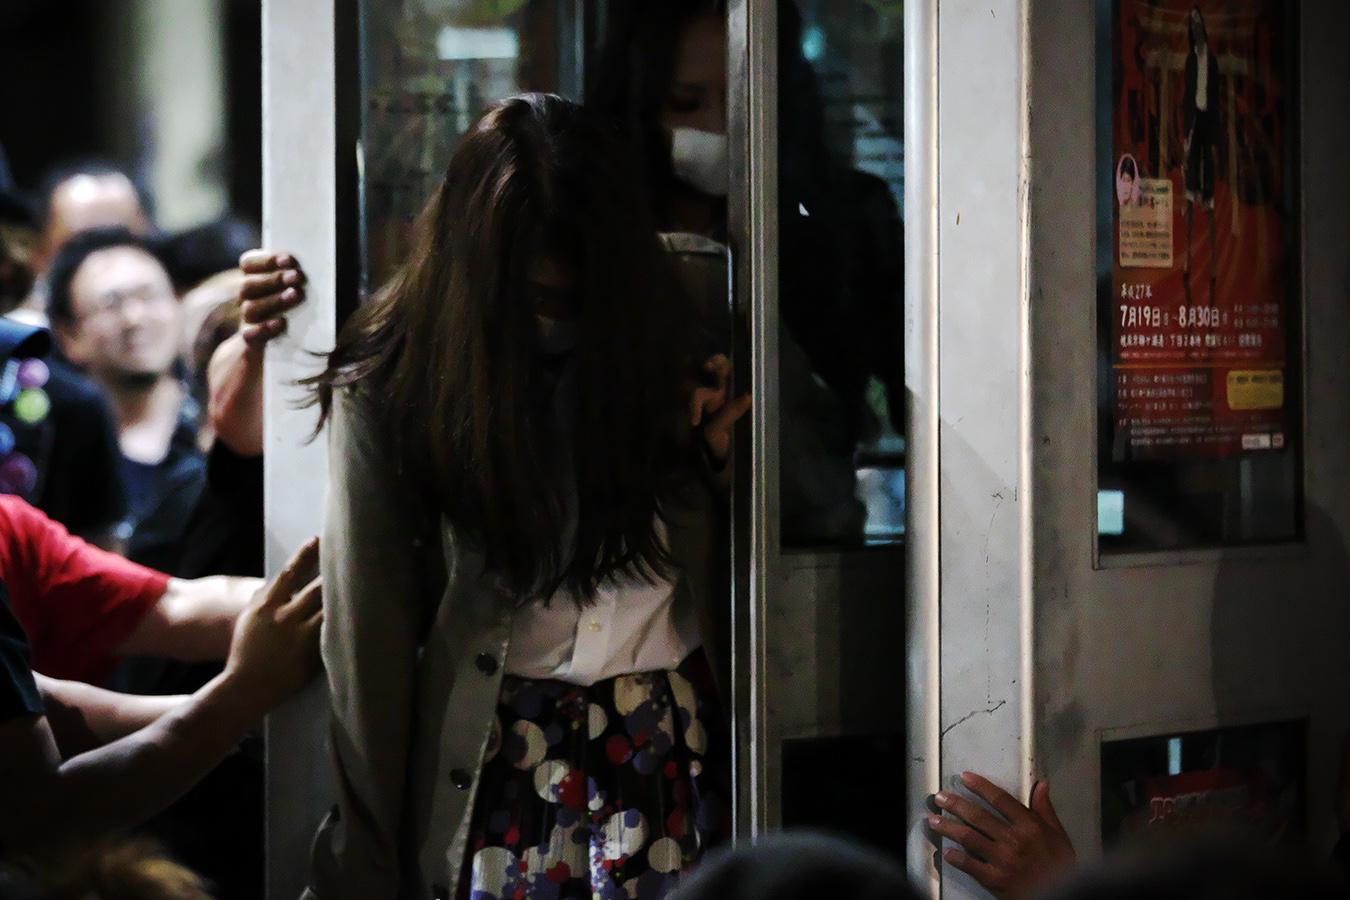 柳ケ瀬「夜空カフェ」に口裂け女登場!! 2015 _c0115616_19103761.jpg